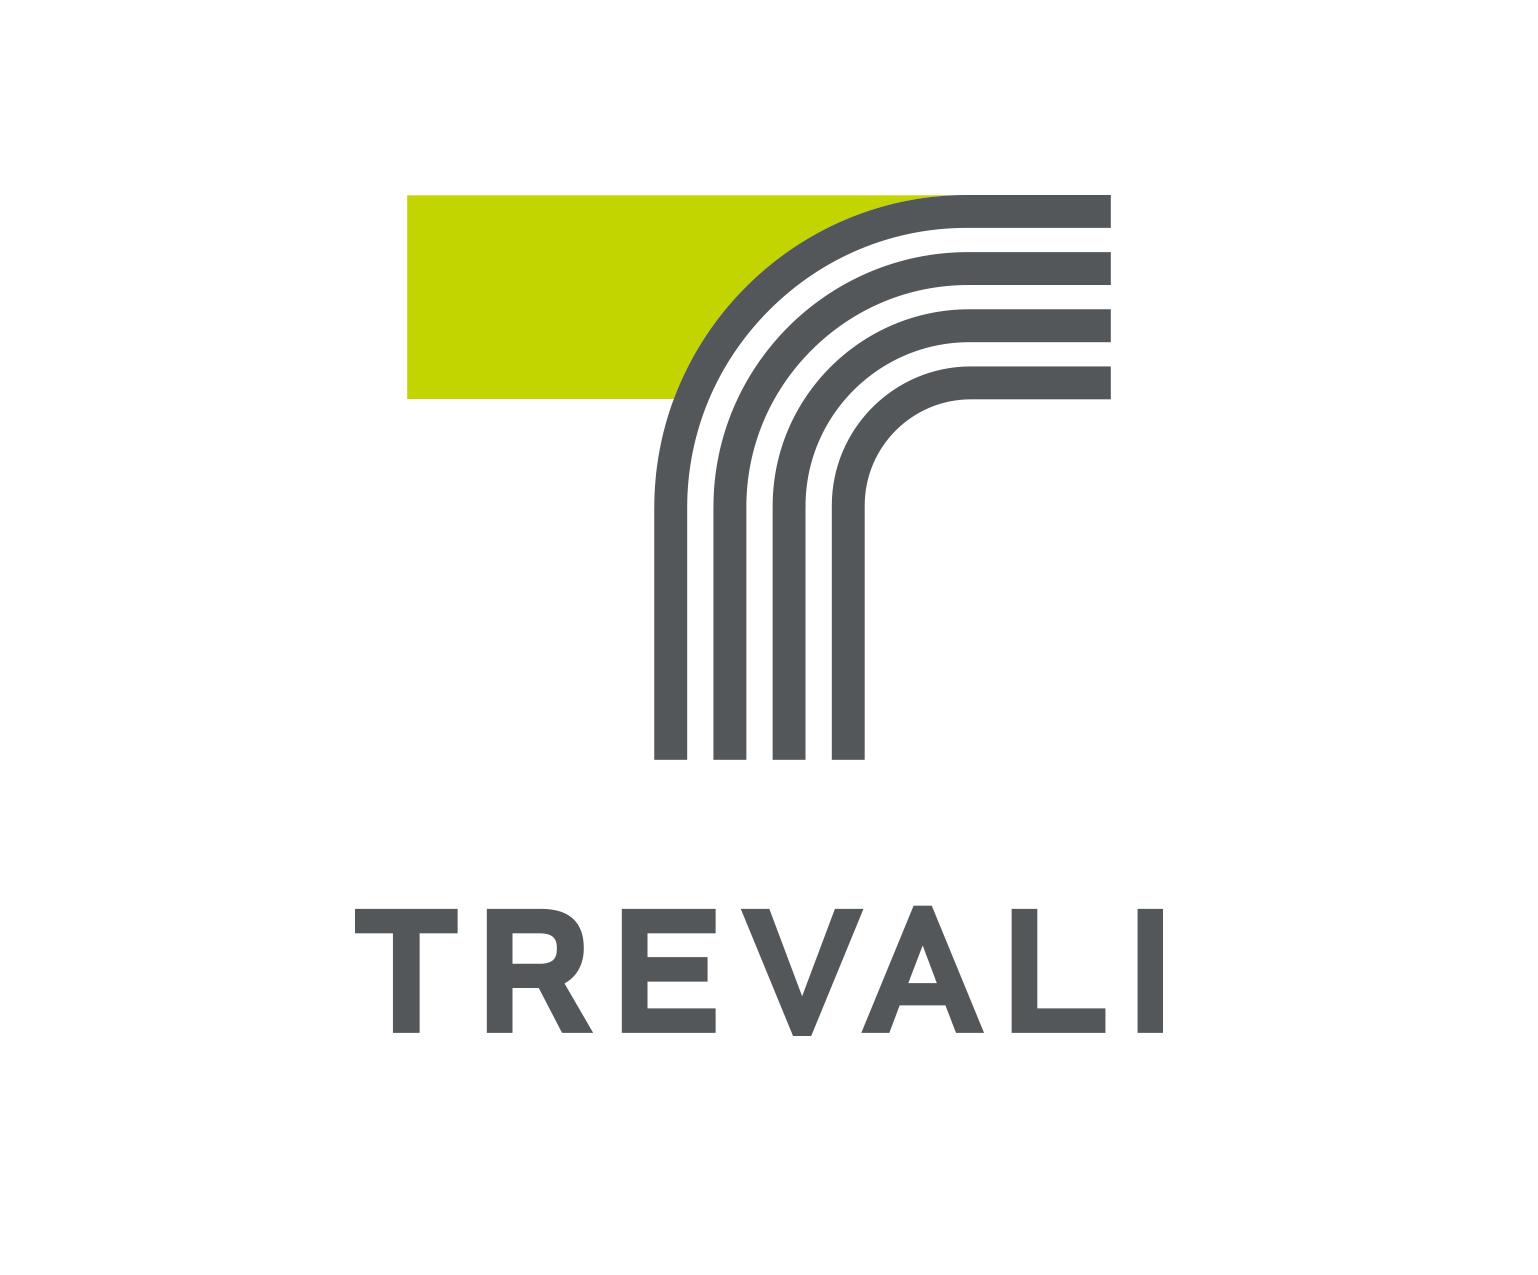 Trevali to Begin the Safe Restart of Santander